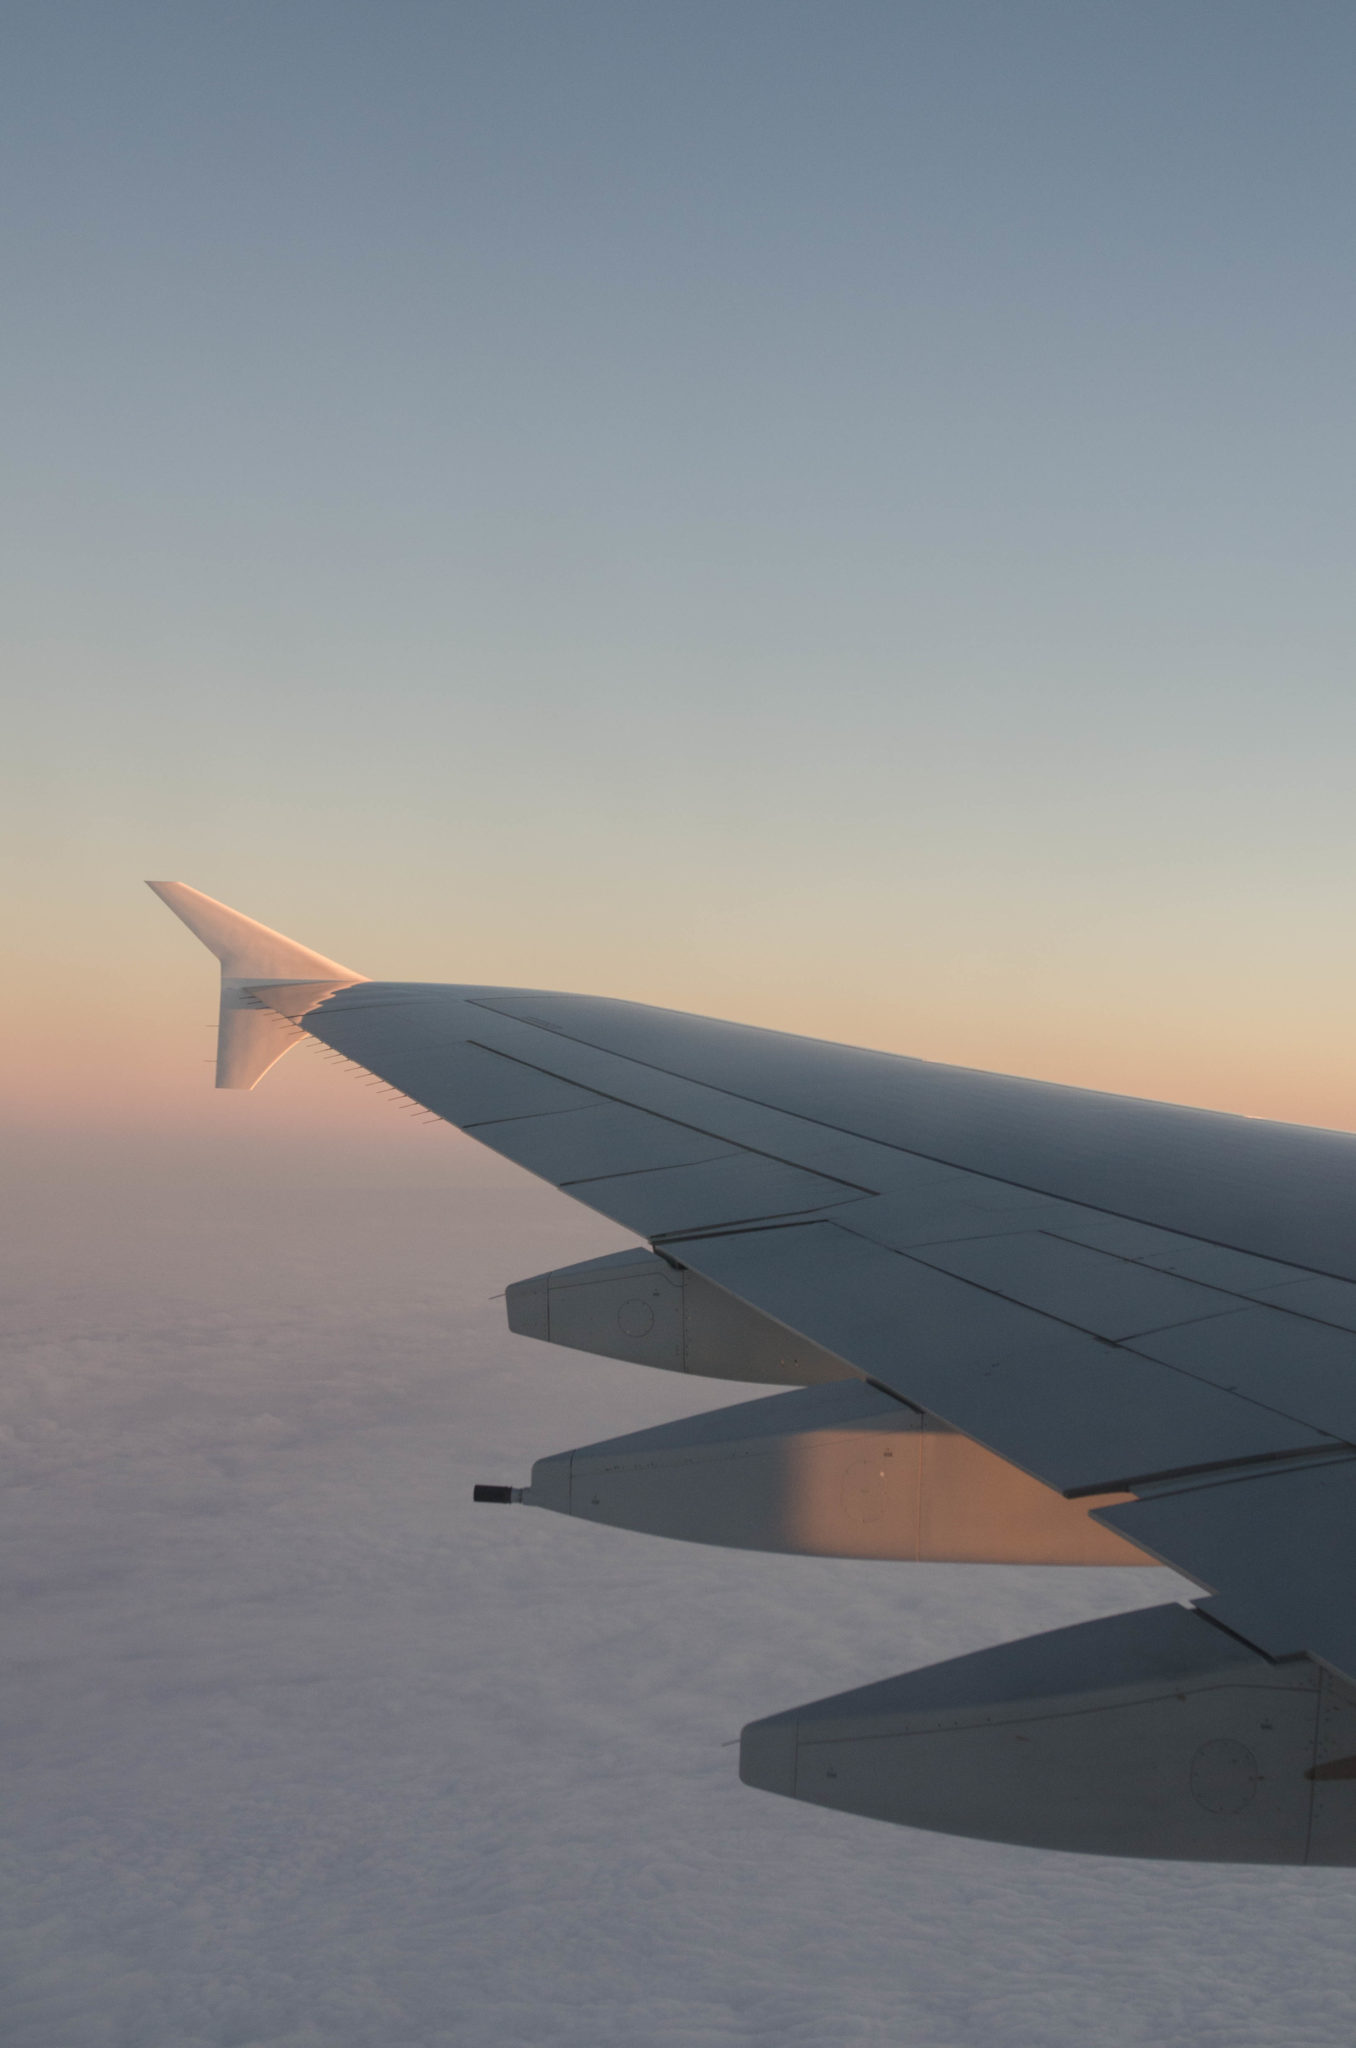 Der Sonnenuntergang aus dem Airbus A380 in der Business Class von Emirates ist malerisch.